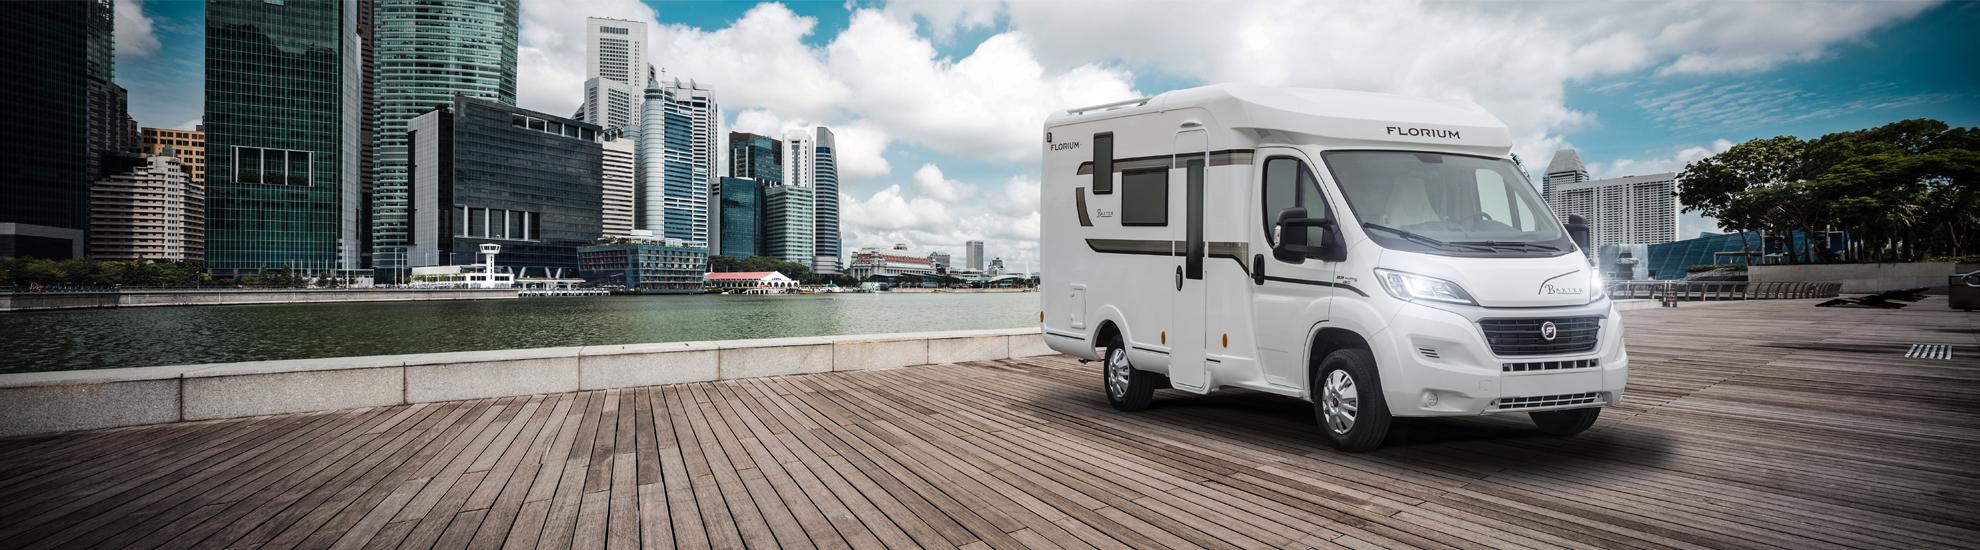 camping-car-florium-gamme-baxter_2018